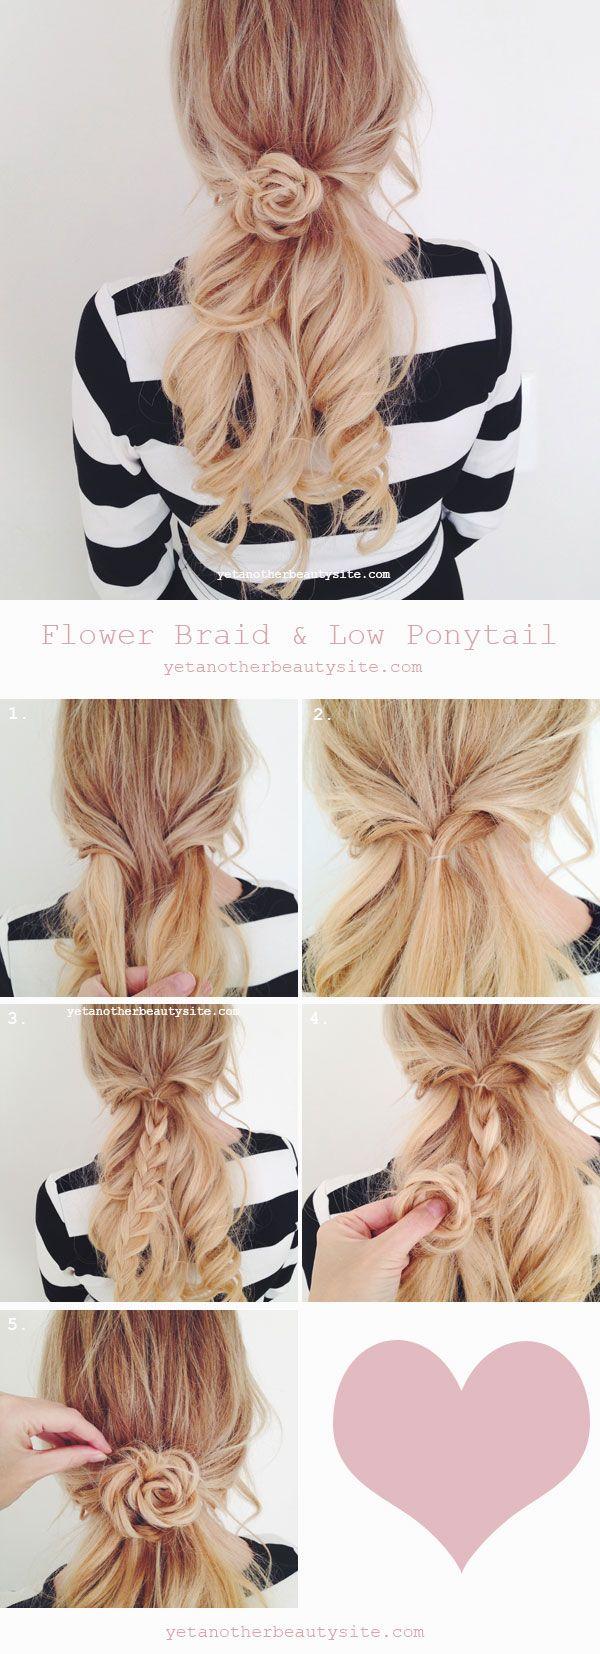 braided-rosette